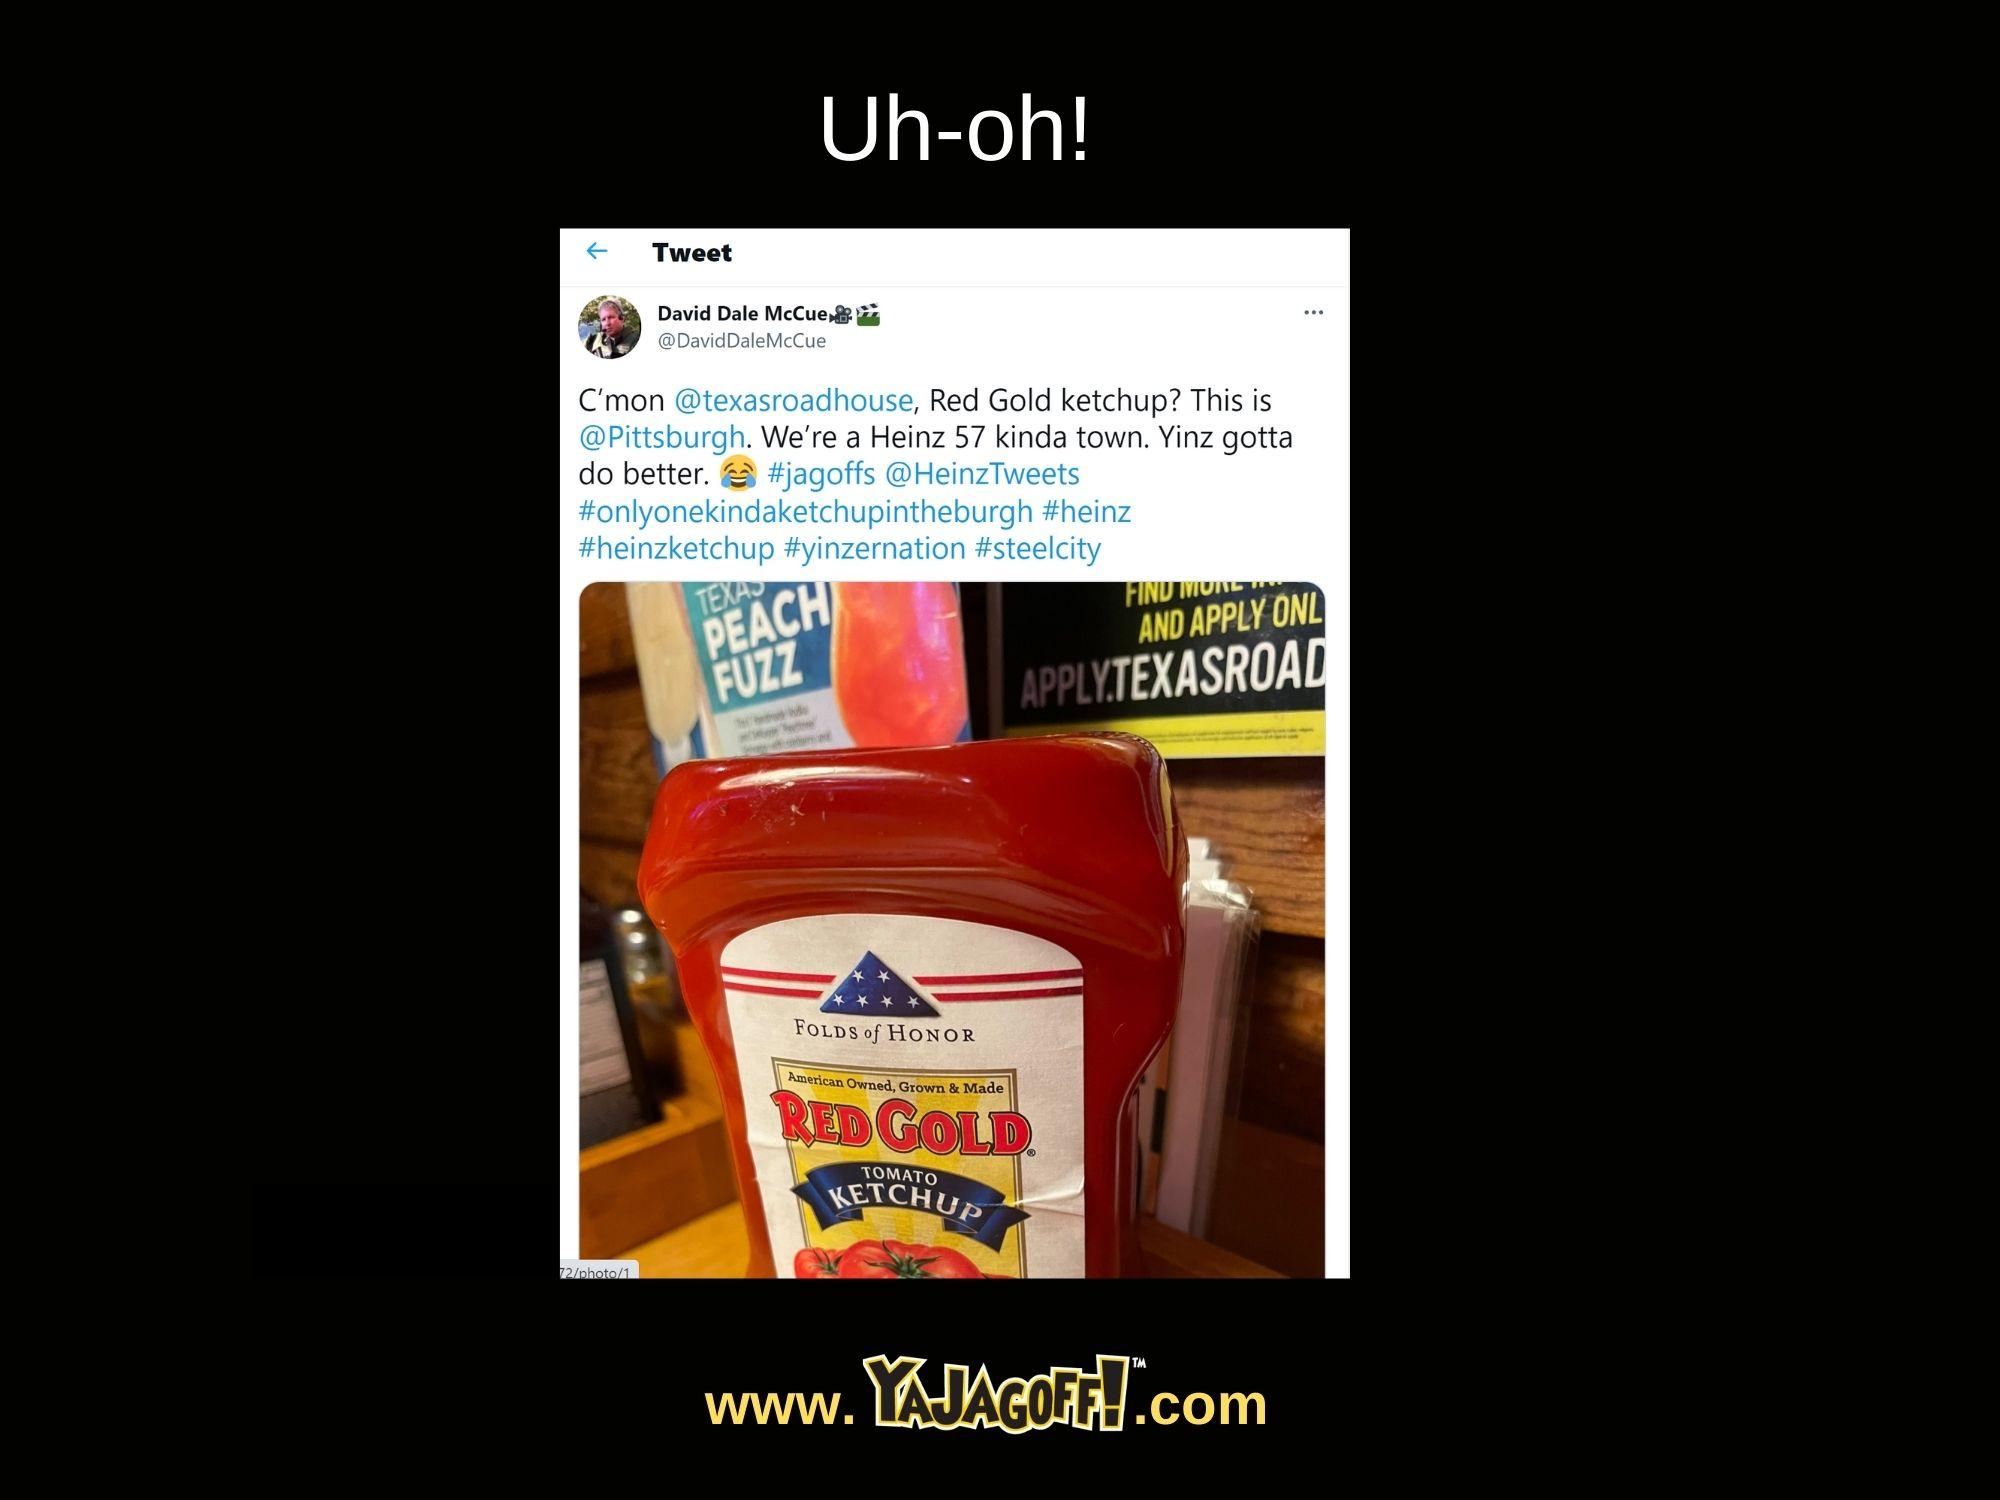 YaJagoff Blog Heinz Ketchup